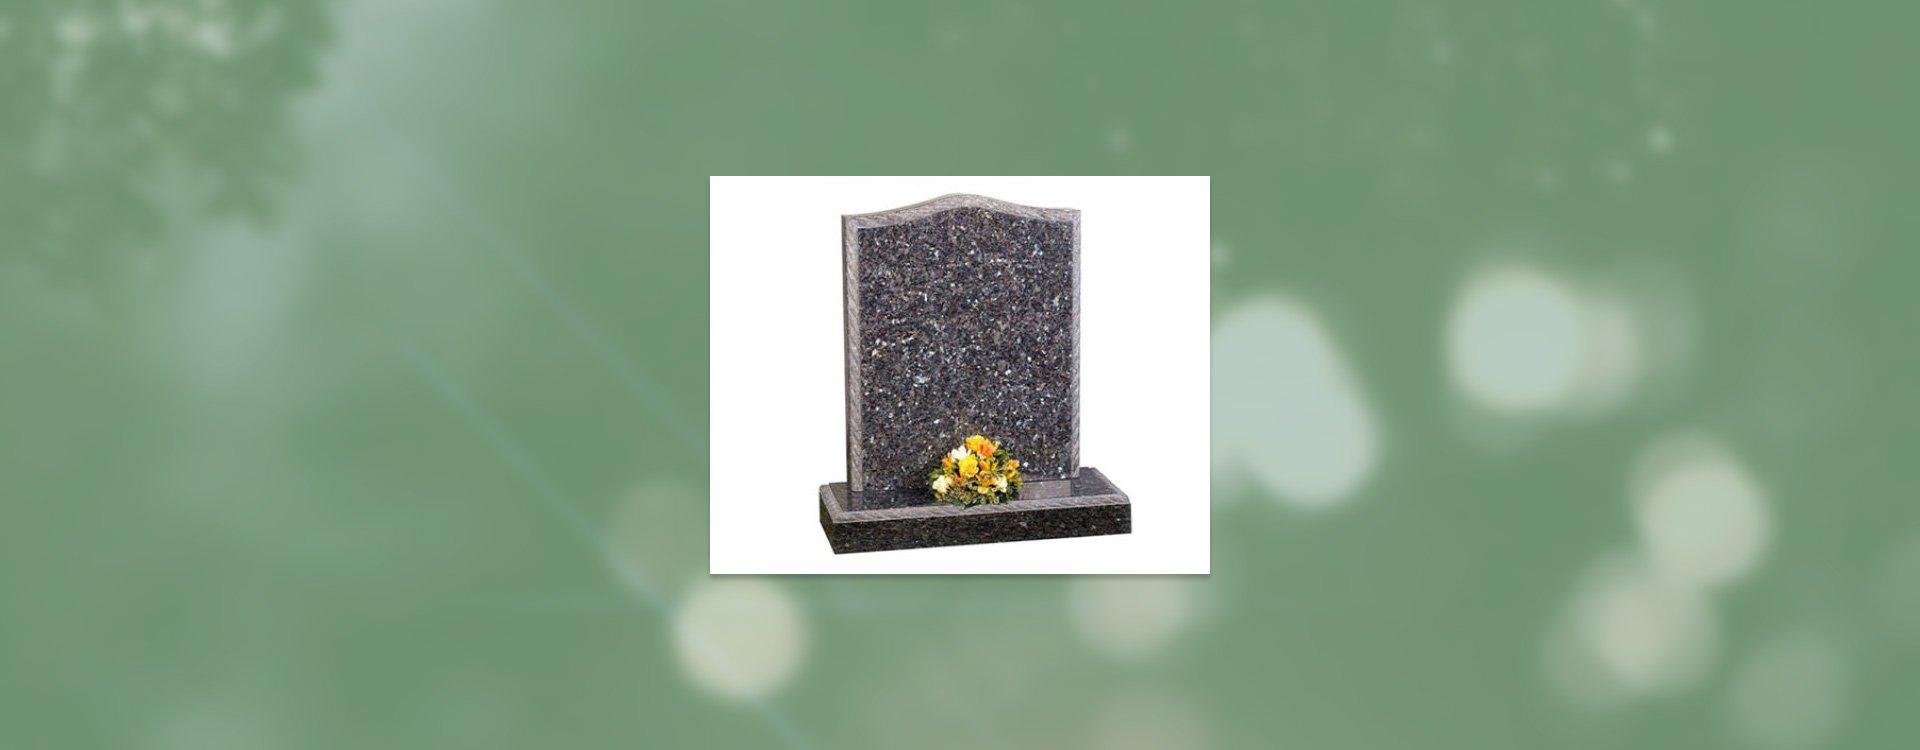 grey tomb stone